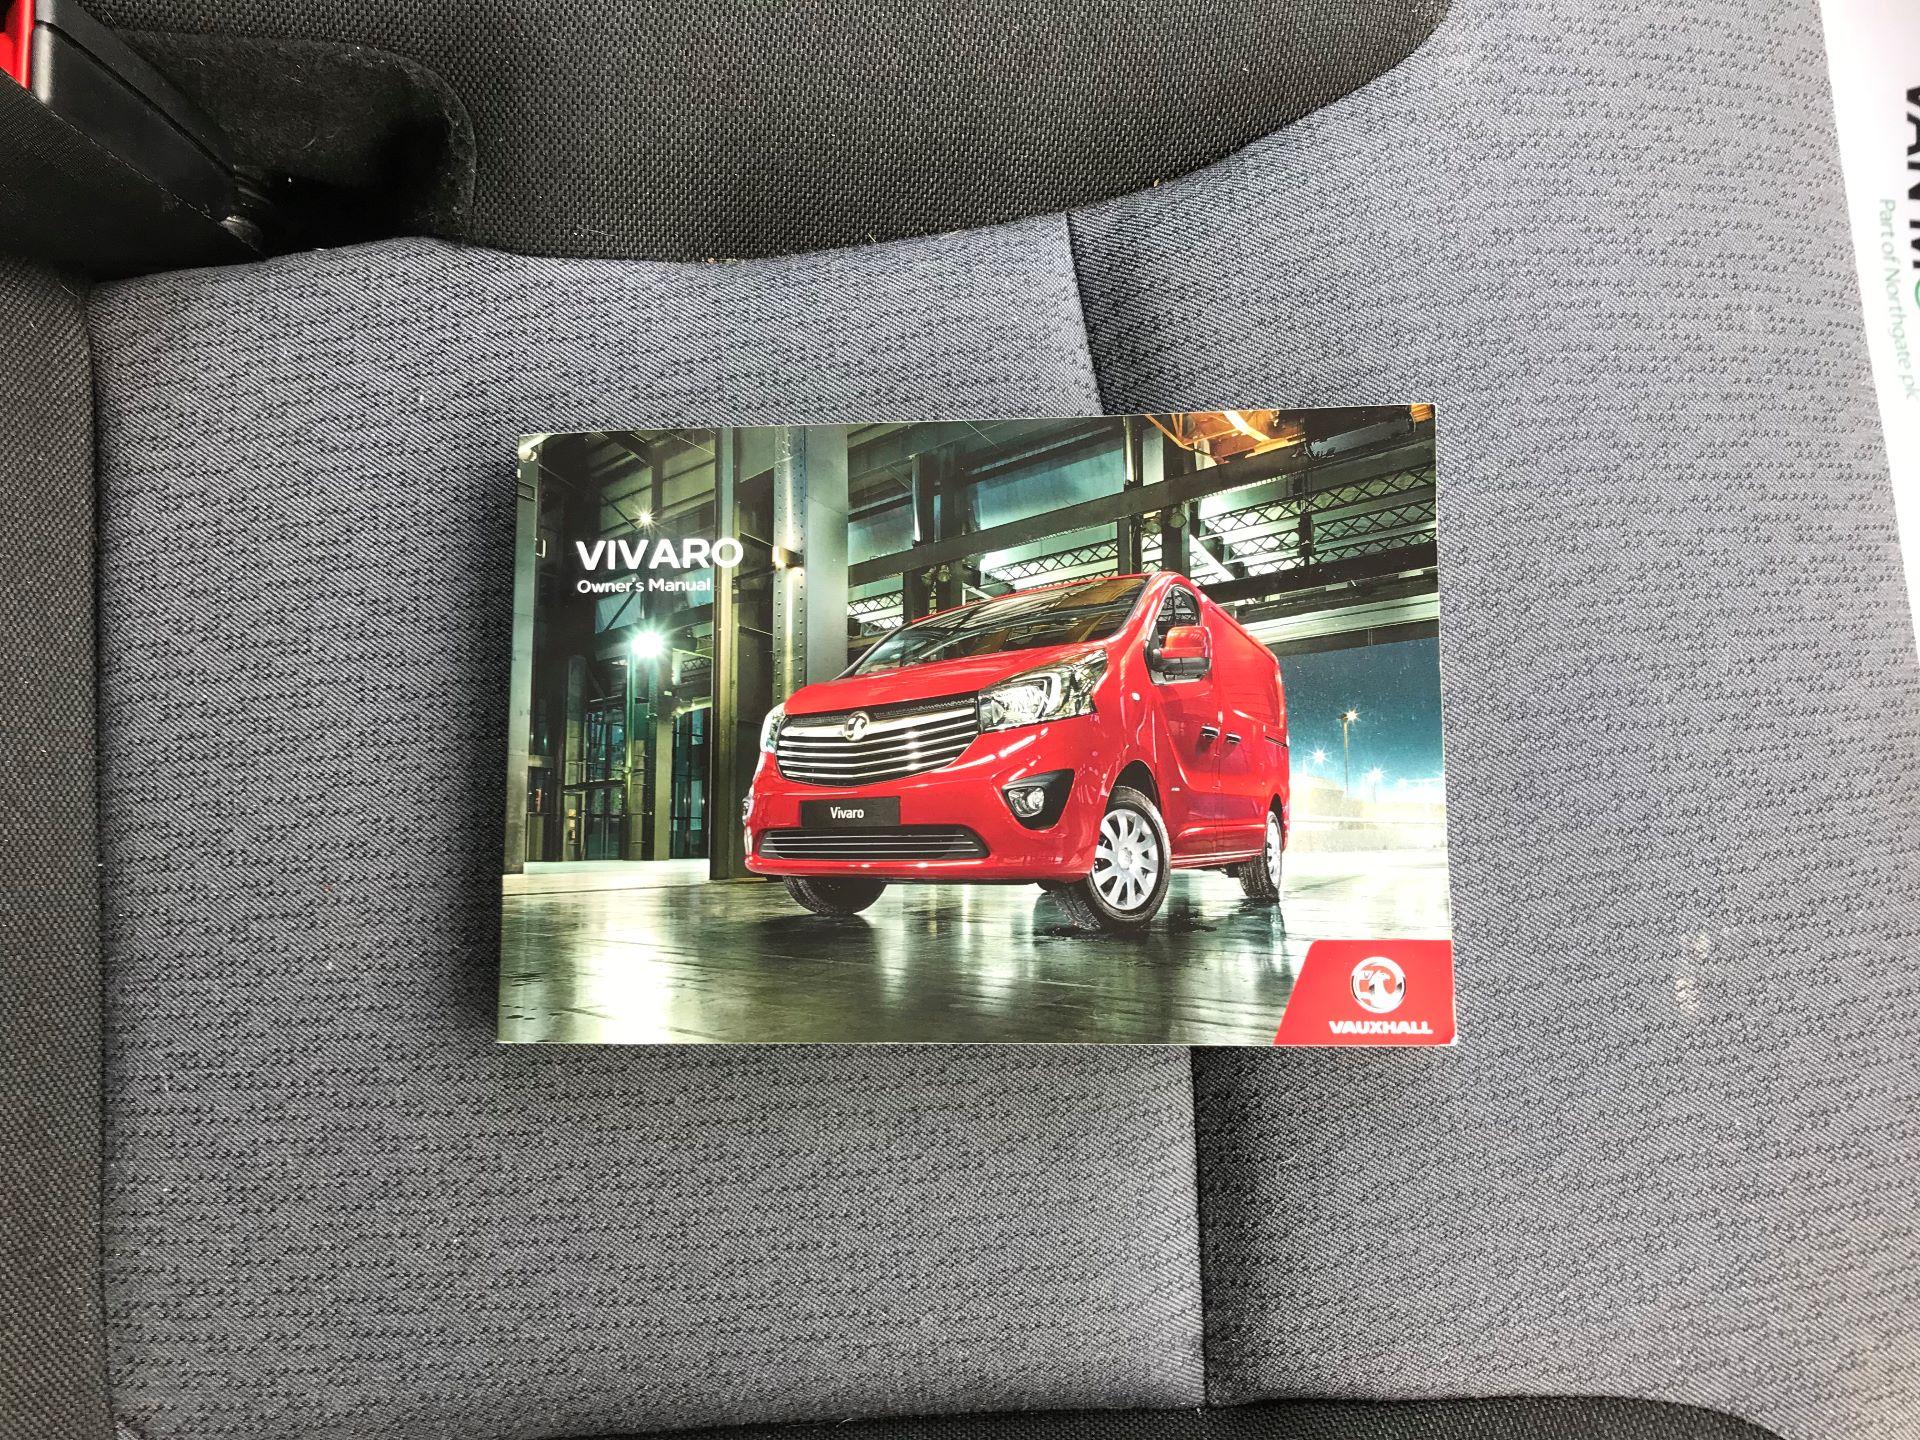 2017 Vauxhall Vivaro L2 H1 2900 1.6CDTI 120PS EURO 6 (DV67WJG) Image 27